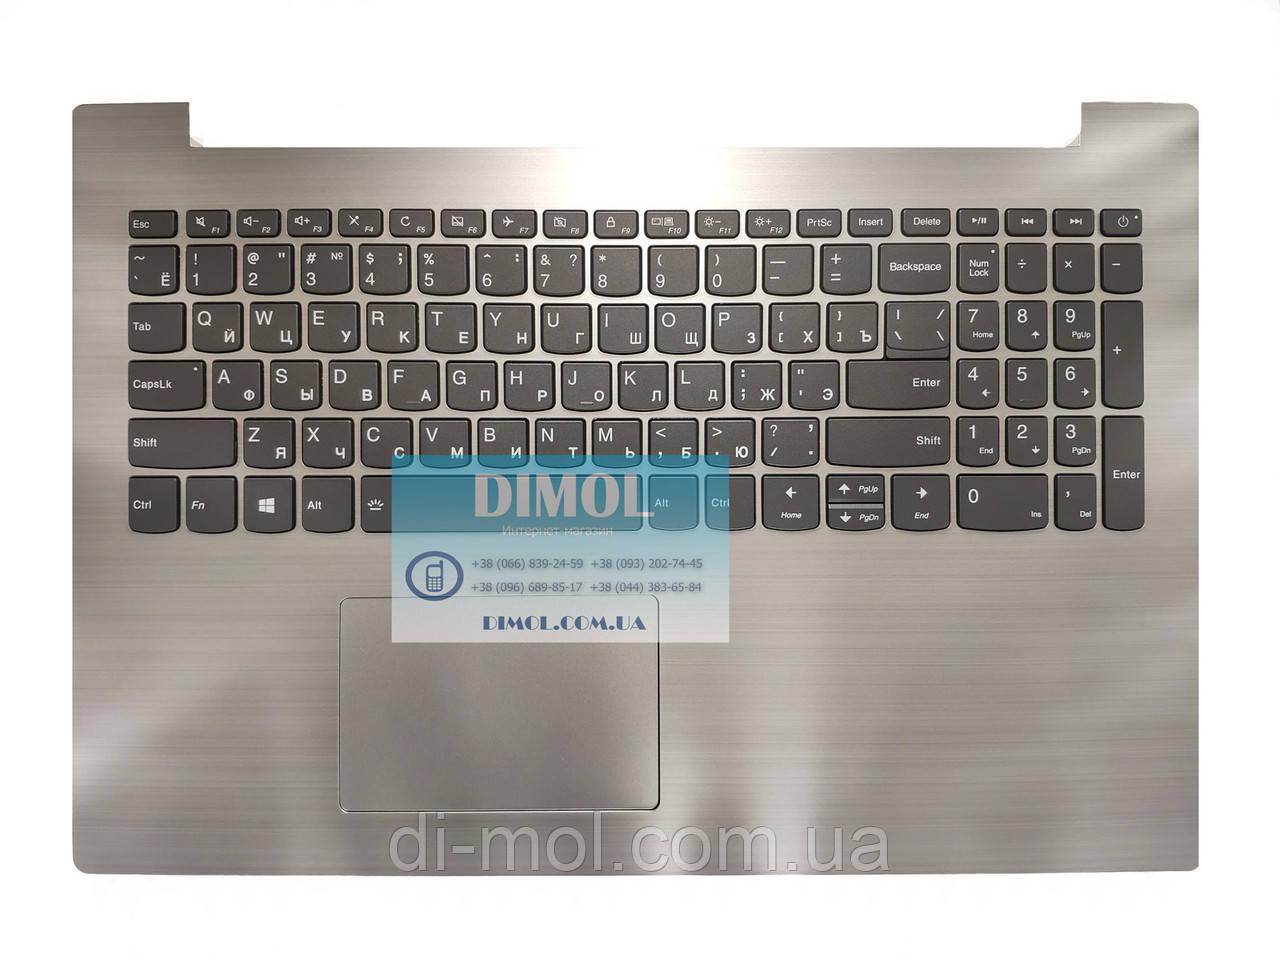 Оригинальная клавиатура для ноутбука Lenovo IdeaPad 330-15 series, rus, gray, подсветка, серебристая передняя